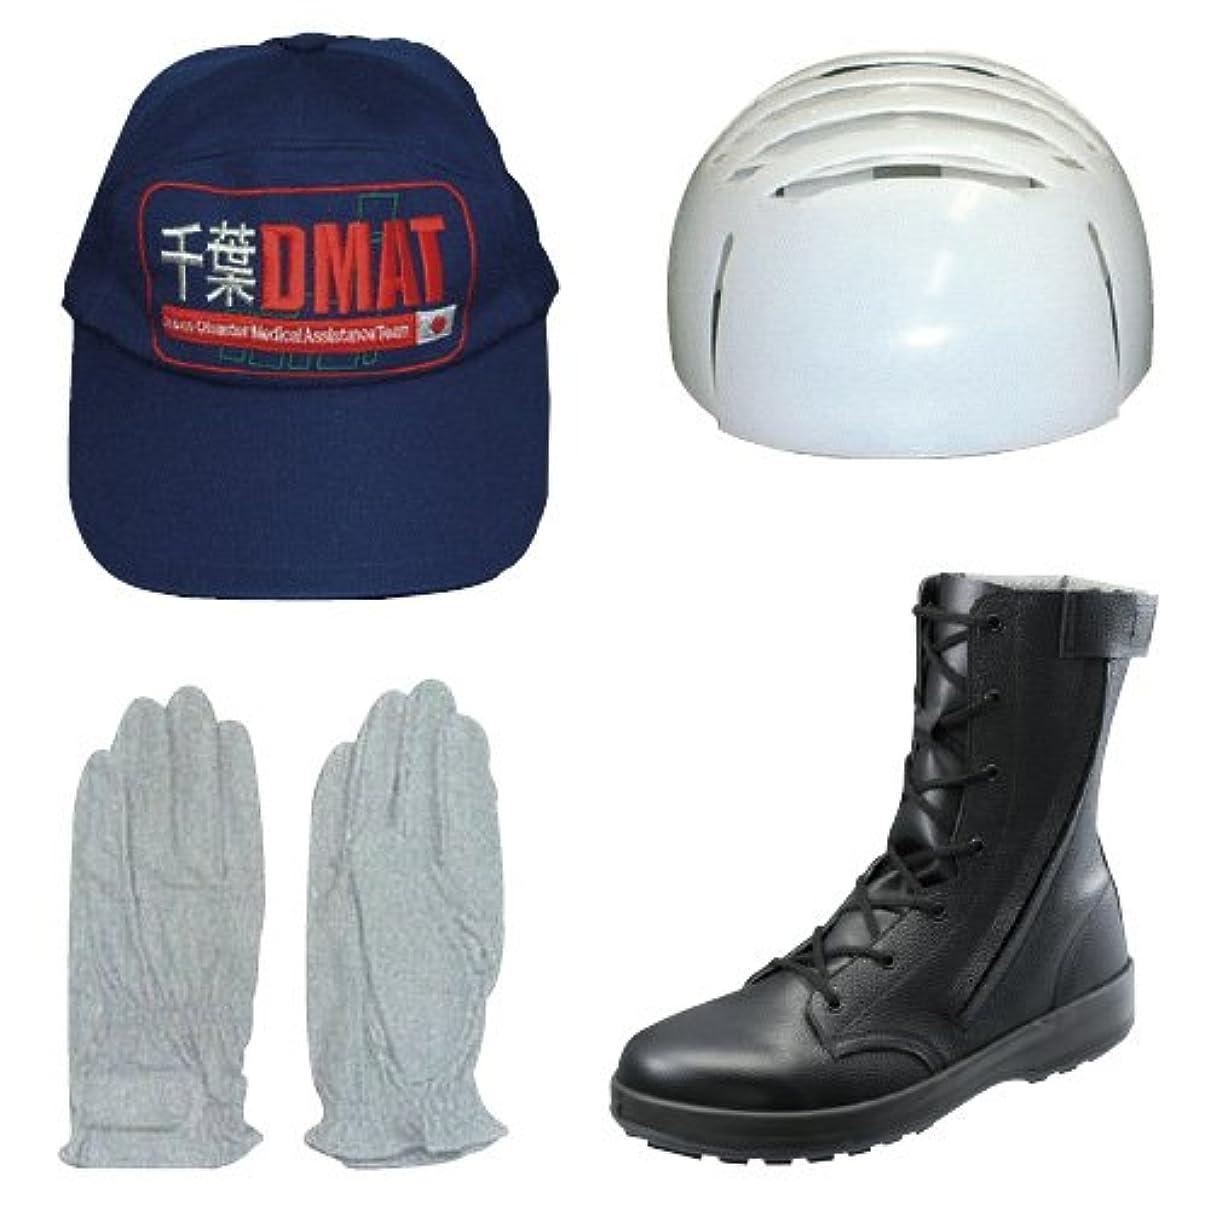 燃やすメタルライン土曜日DMAT用手袋 DMAT??????? L(??)(23-2391-02)【1双単位】